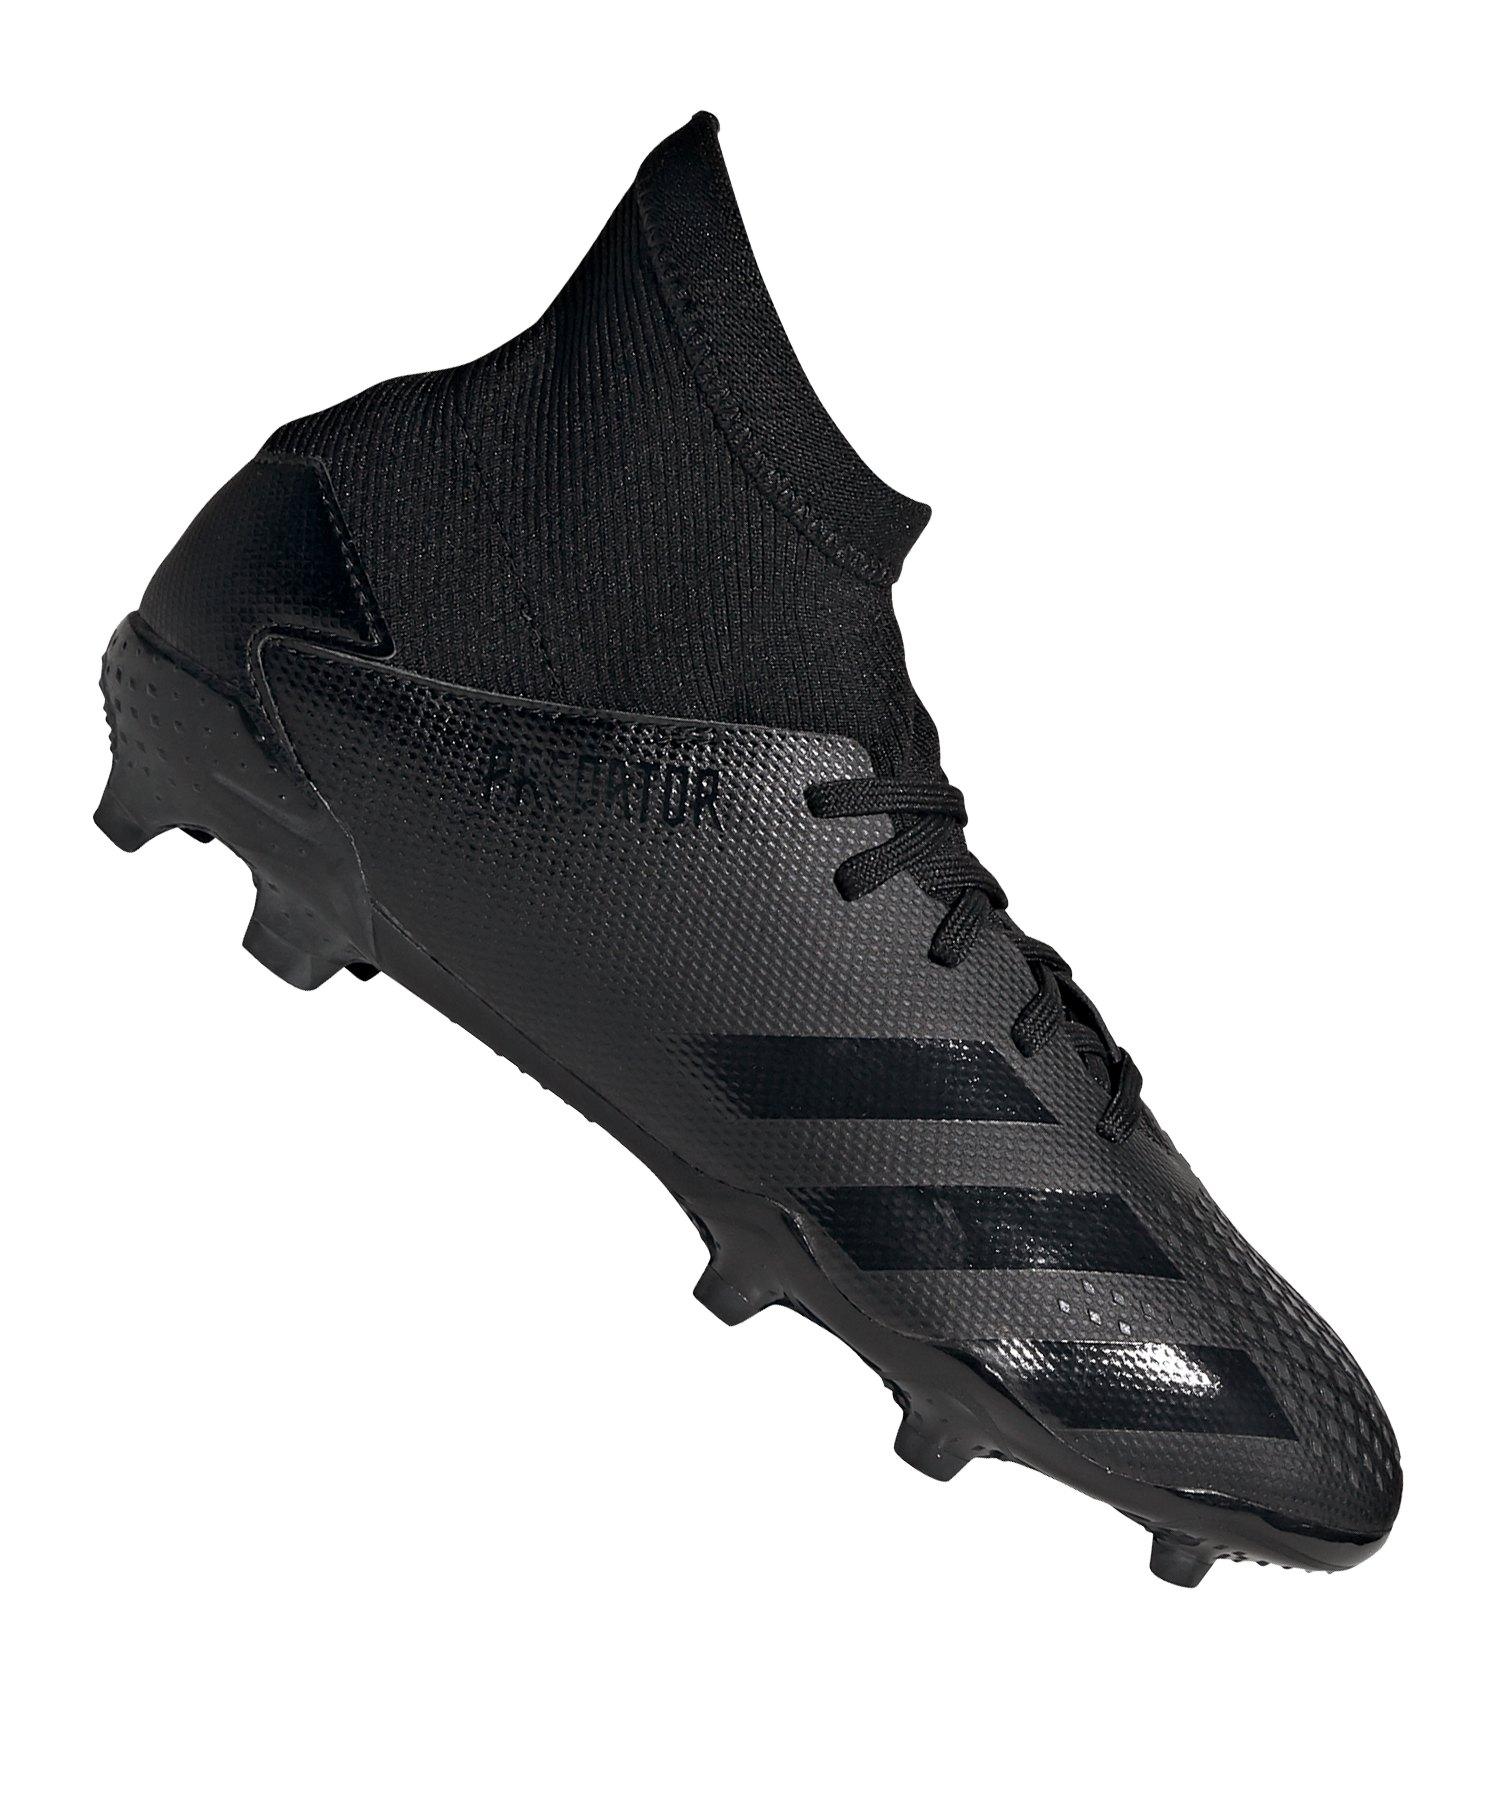 adidas Predator 20.3 FG J Kids Schwarz Grau - schwarz